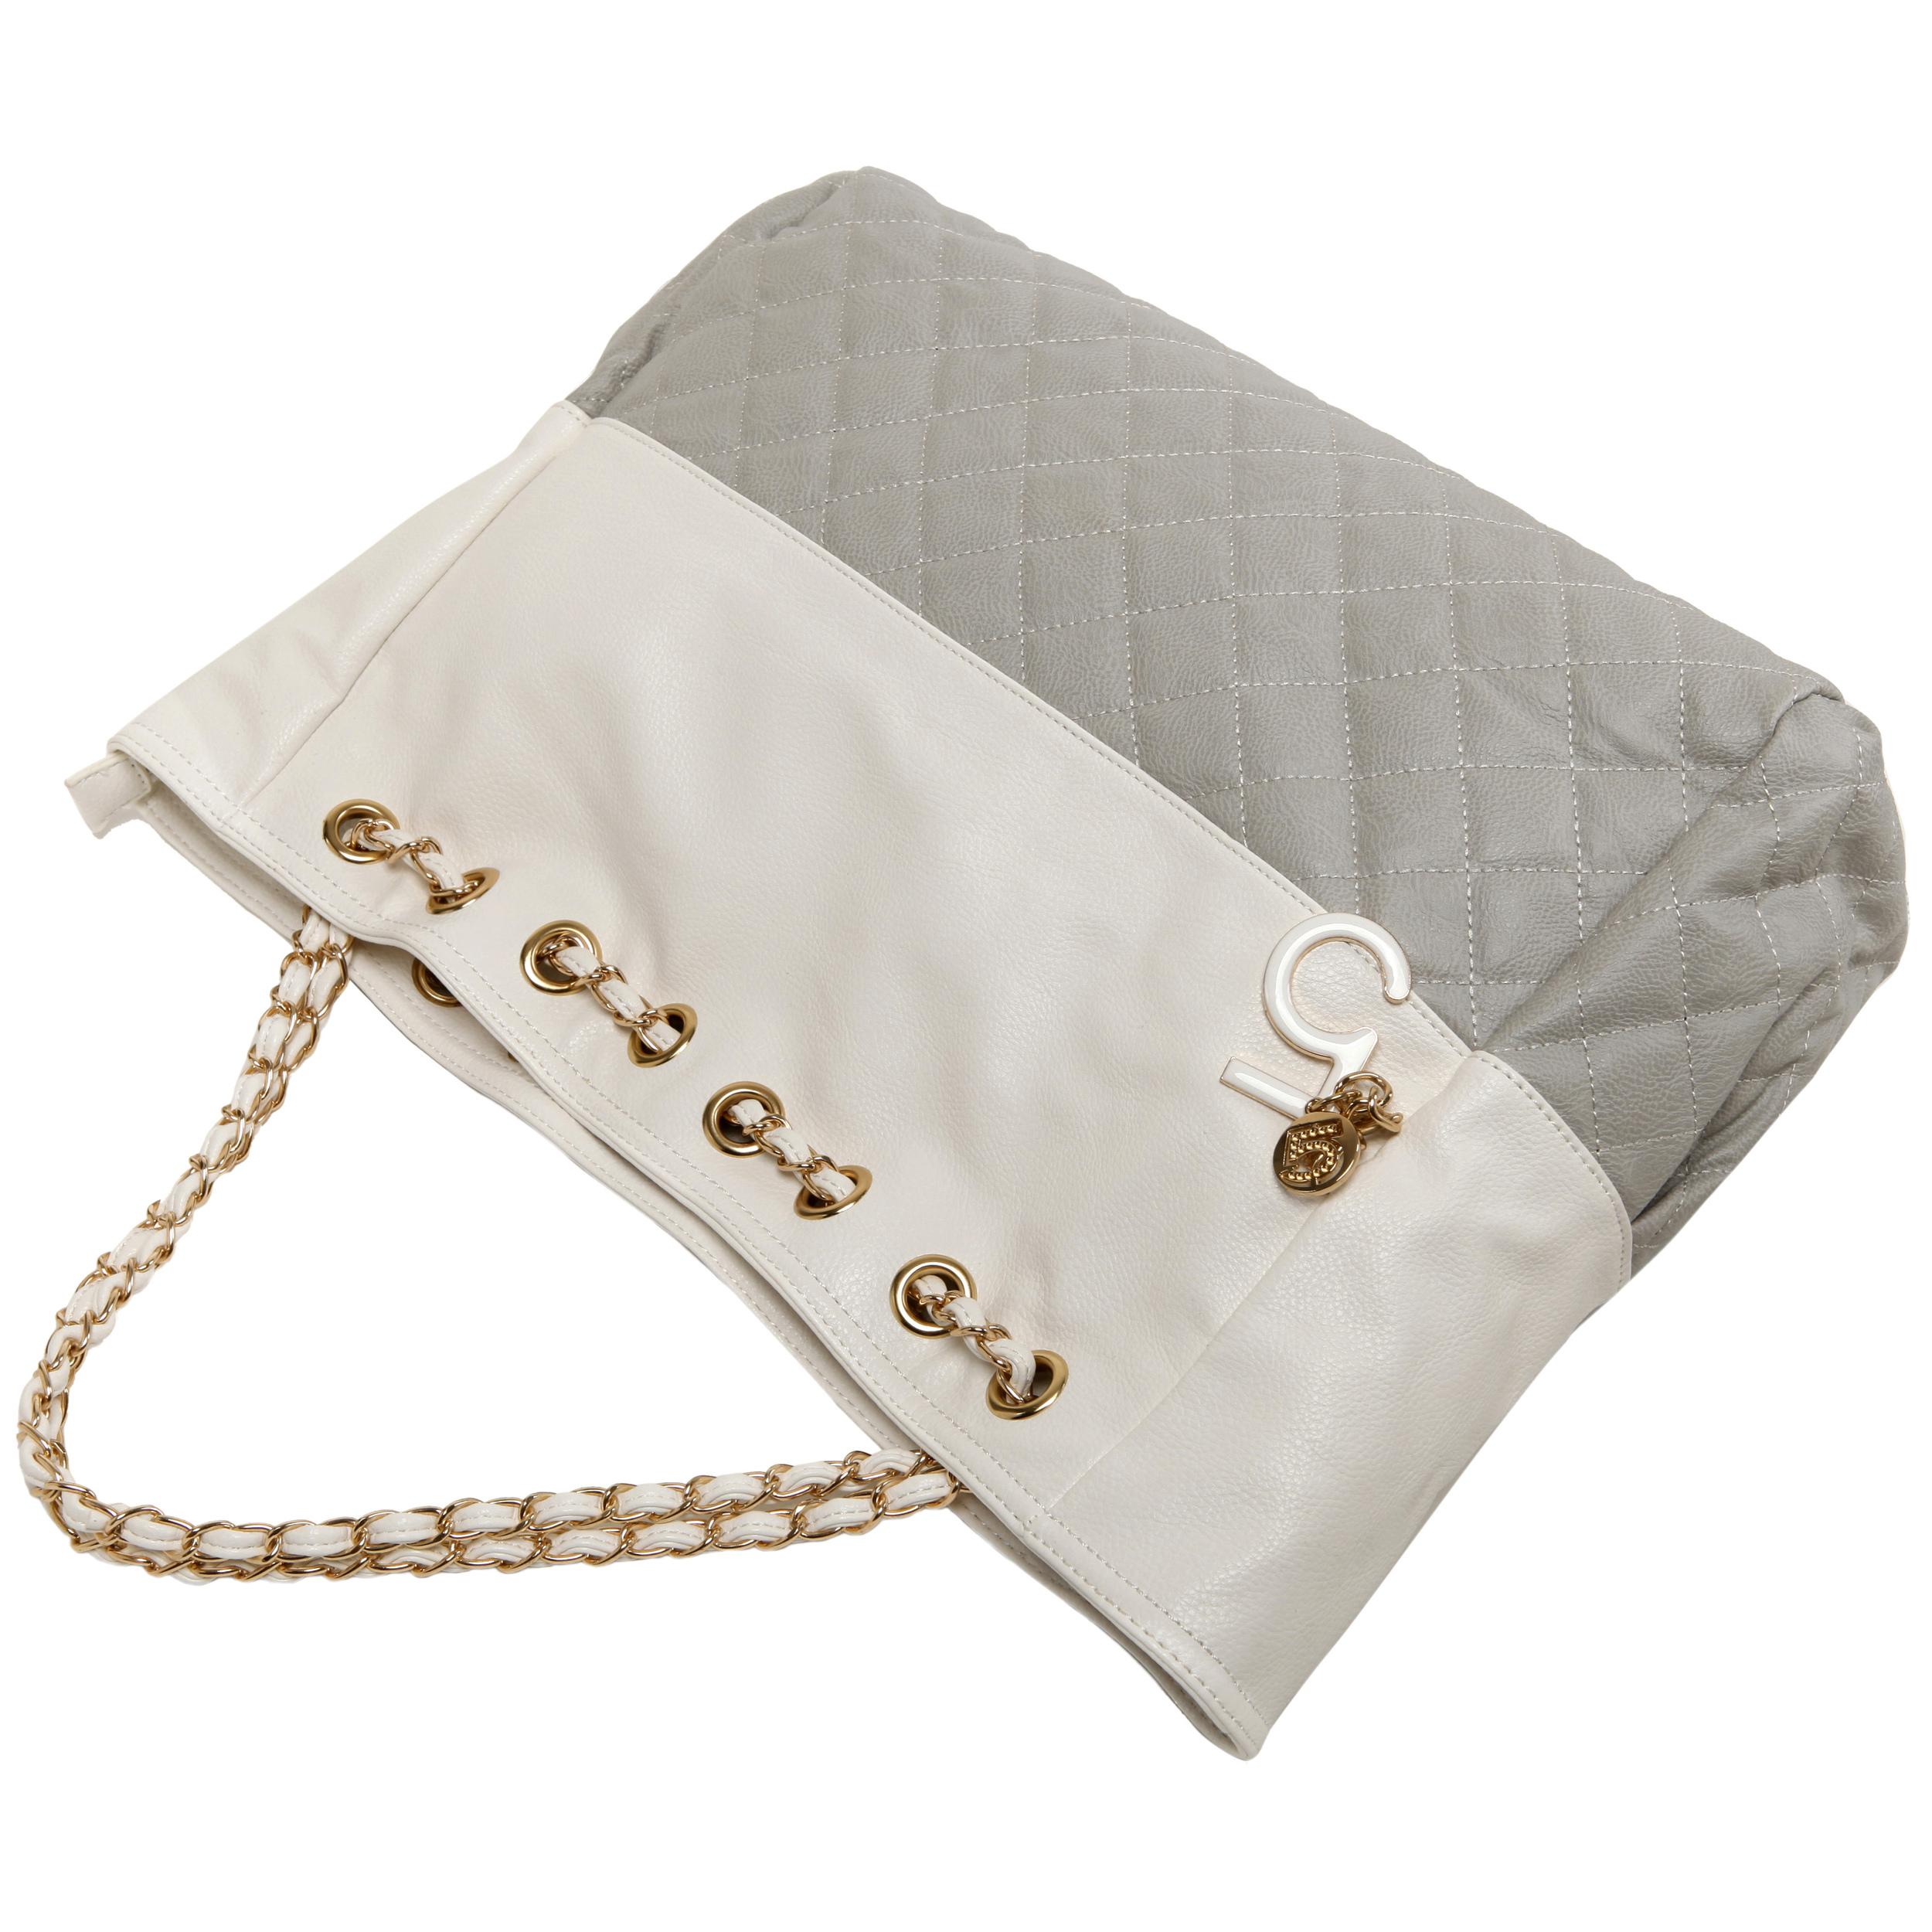 CAMRYN Grey Shoulder Tote Handbag handle